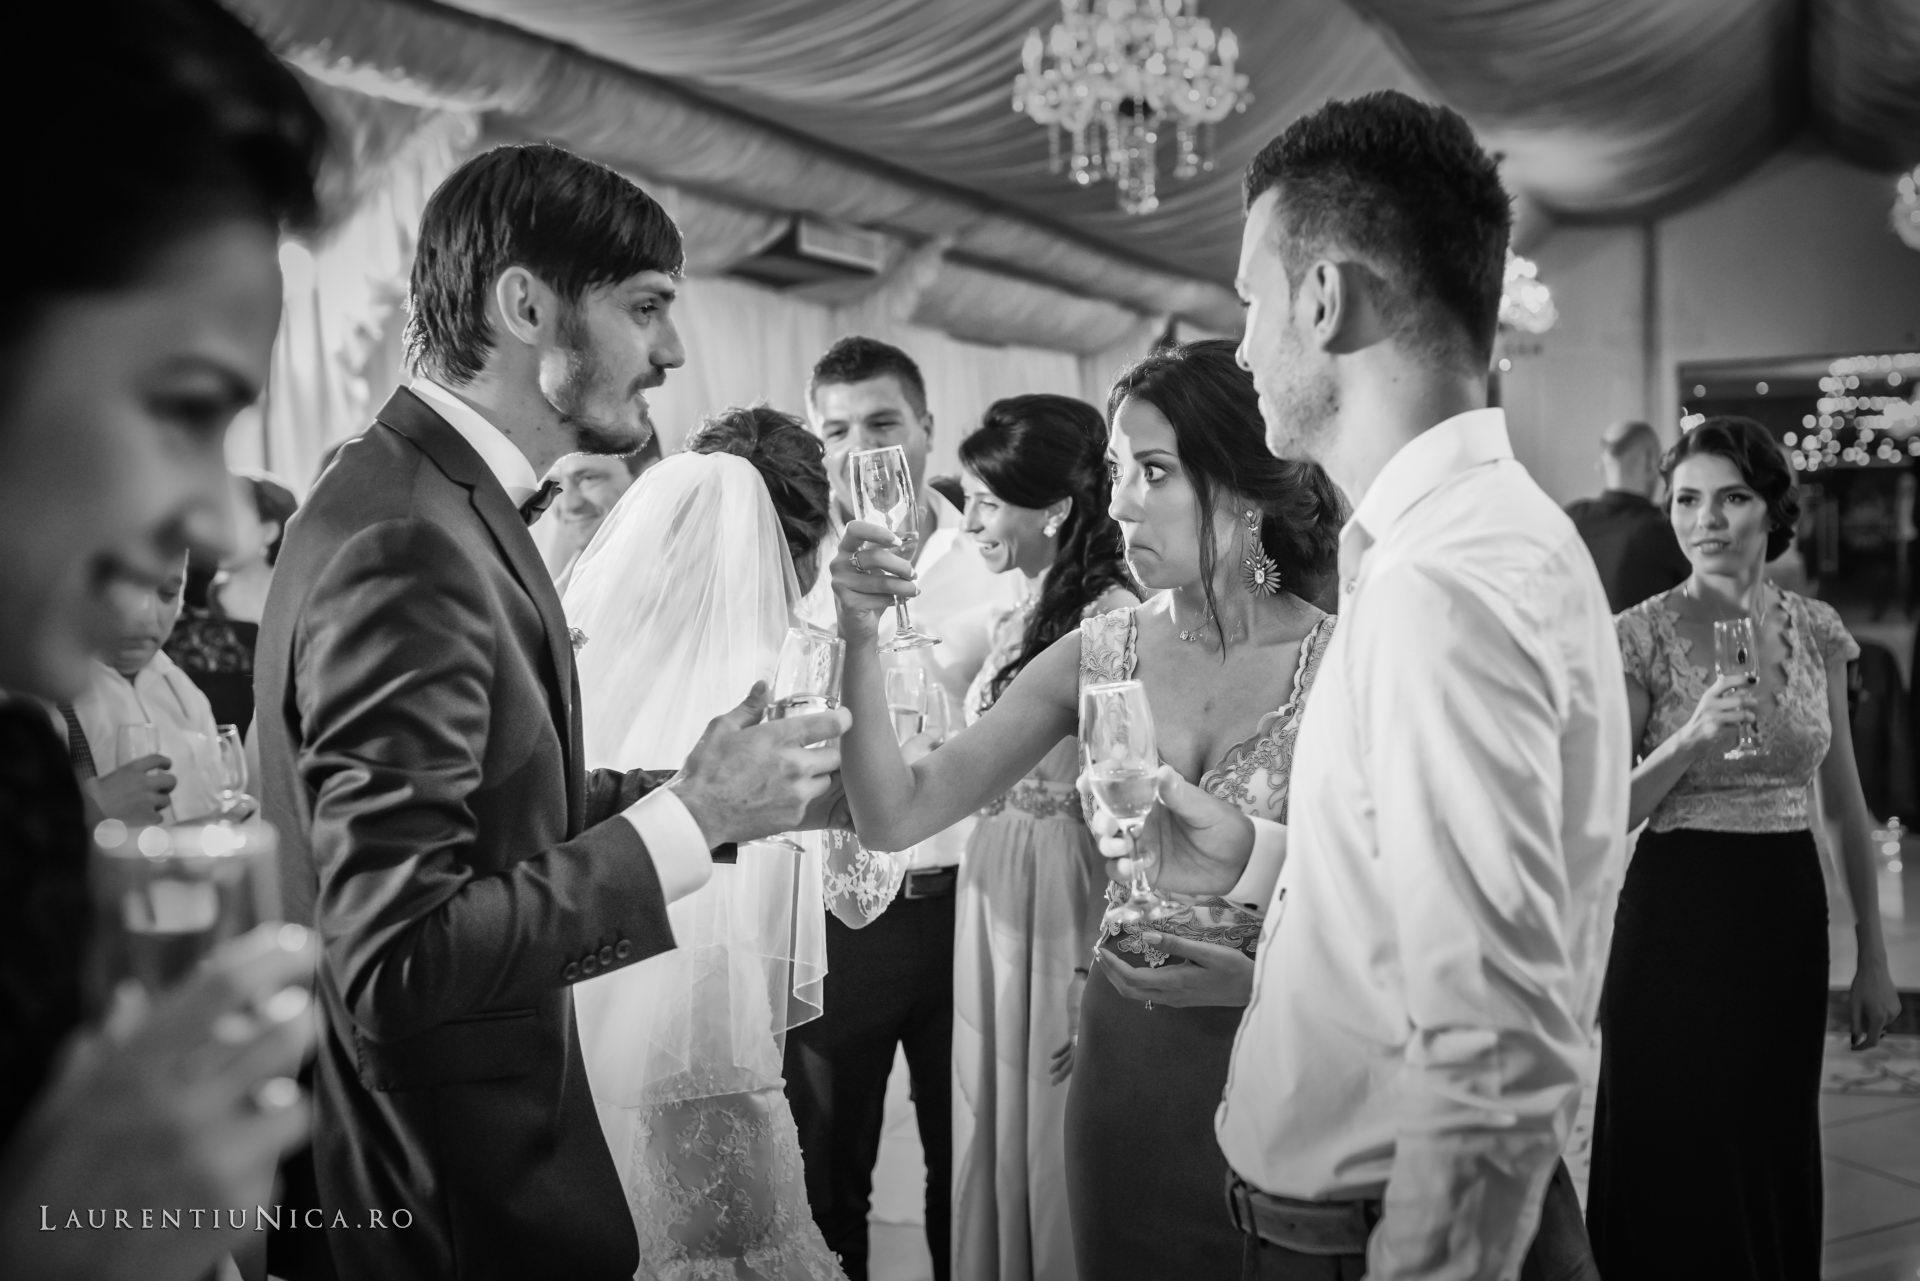 Cristina si Ovidiu nunta Craiova fotograf laurentiu nica 140 - Cristina & Ovidiu | Fotografii nunta | Craiova